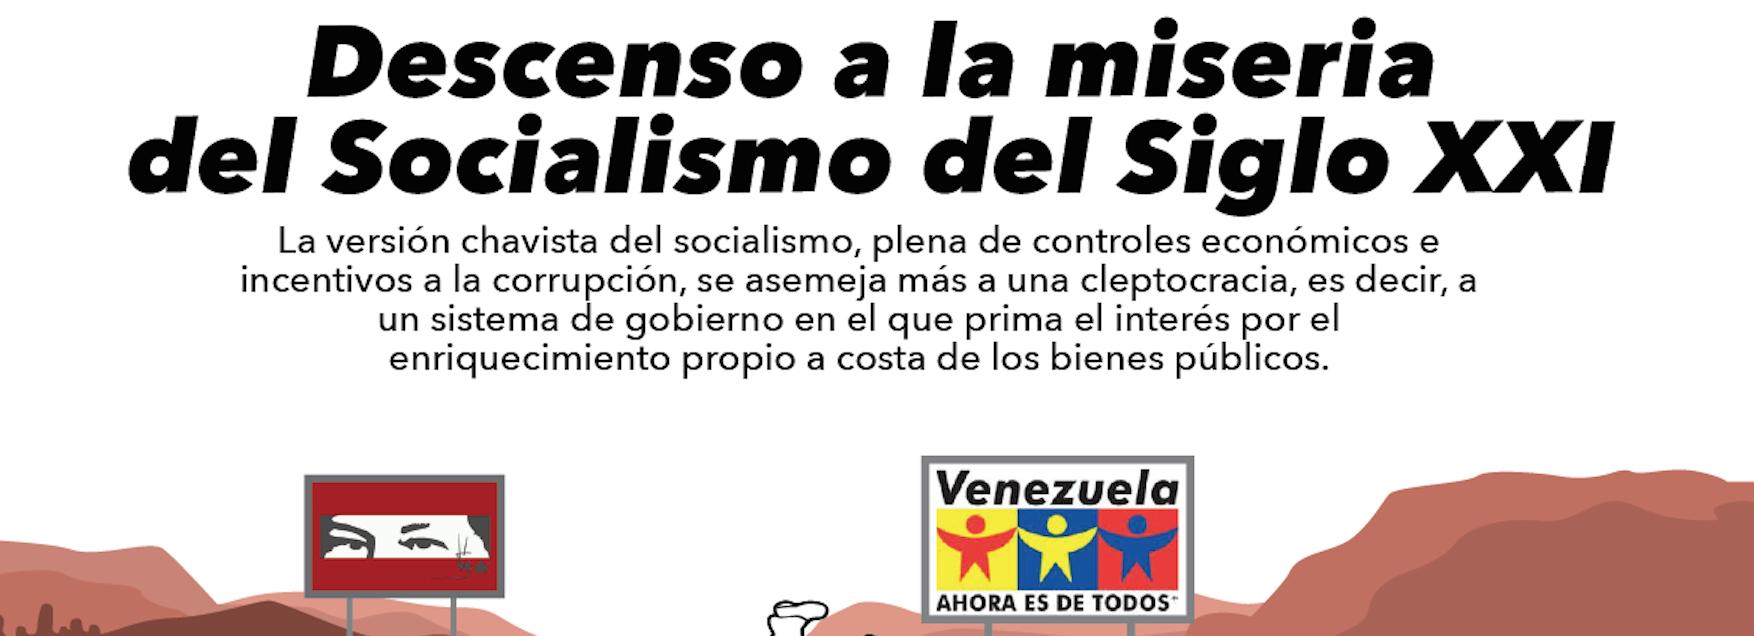 INFOGRAFÍA | Cleptocracia: de la utopía revolucionaria a la miseria del Socialismo del Siglo XXI